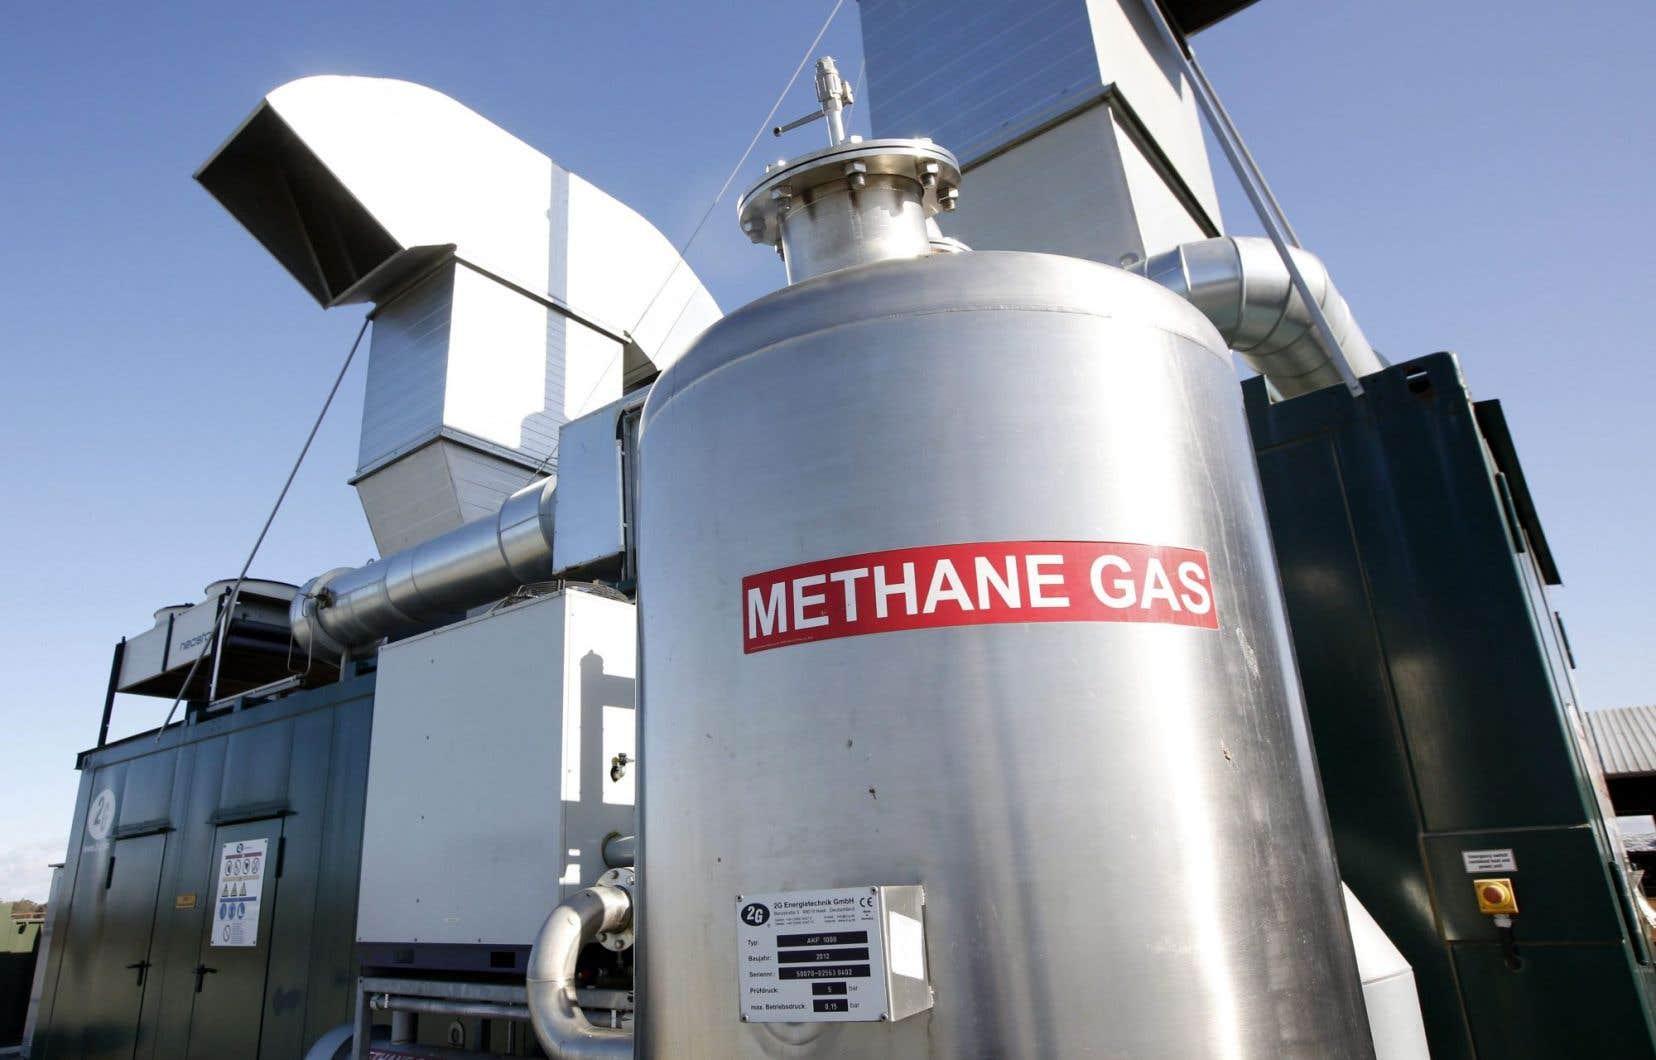 Deuxième grand gaz à effet de serre lié aux activités humaines, après le dioxyde de carbone, le méthane contribue pour quelque 20% au réchauffement en cours.